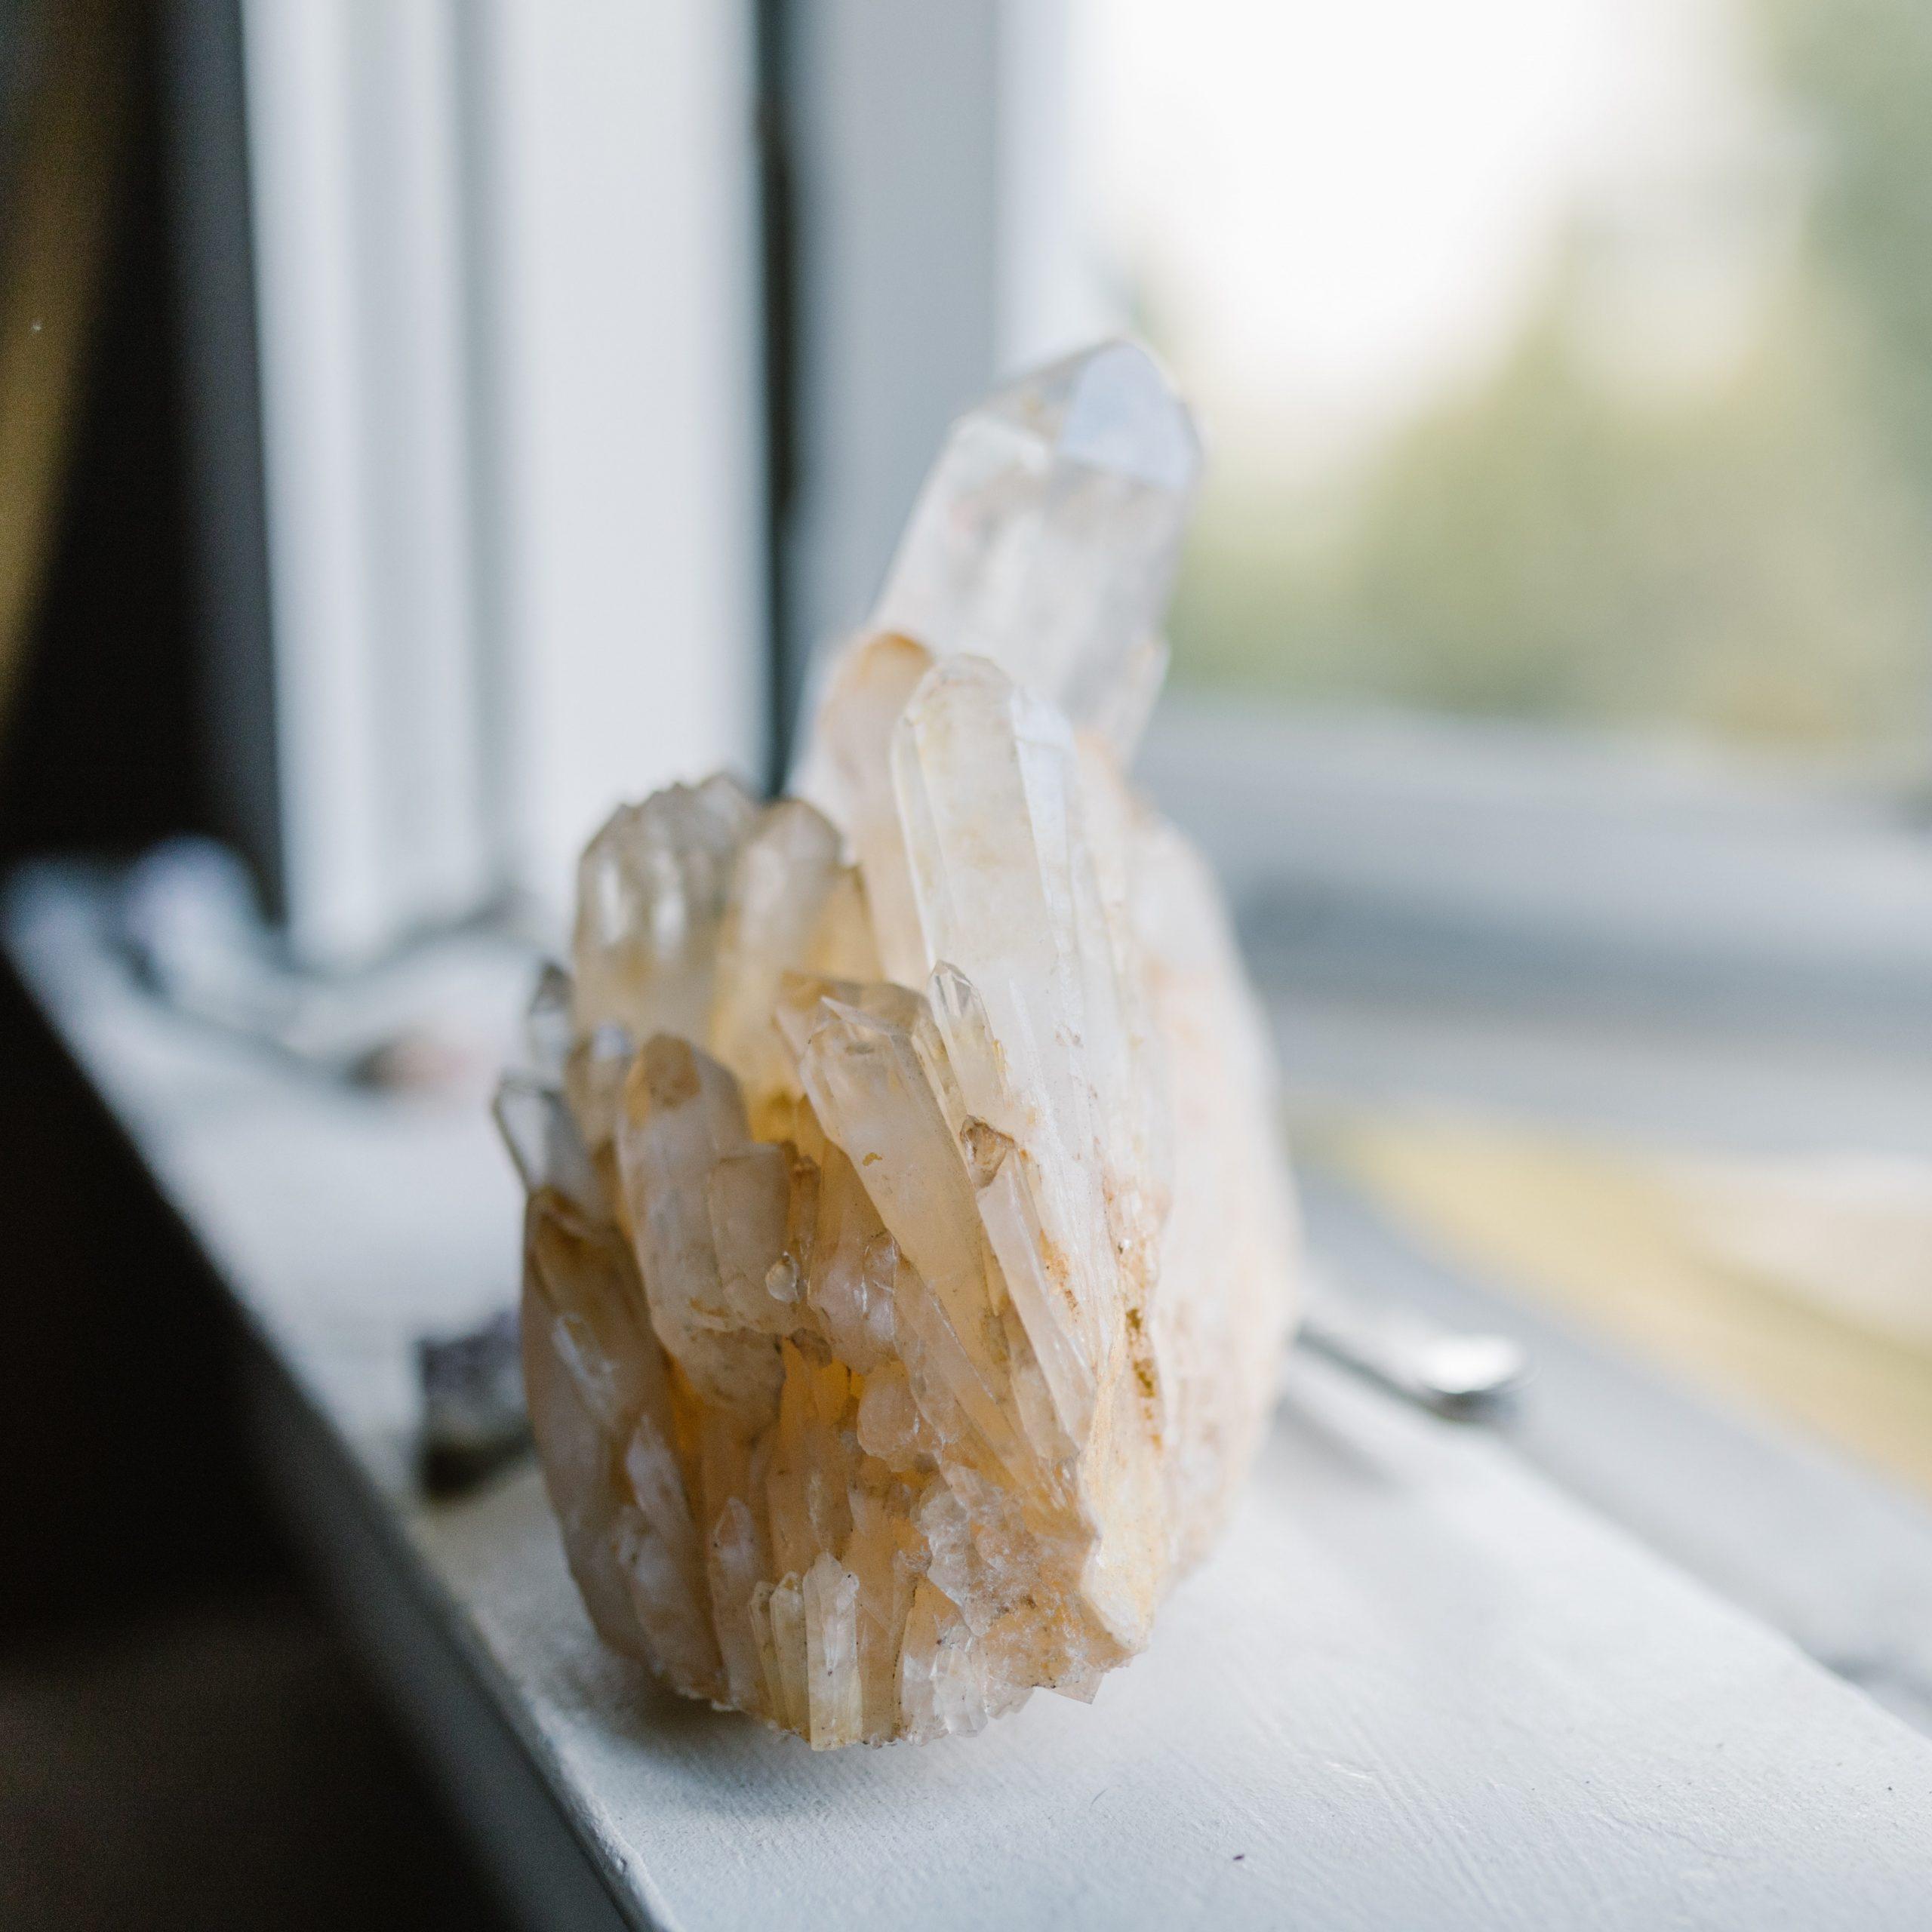 large crystal on windowsill